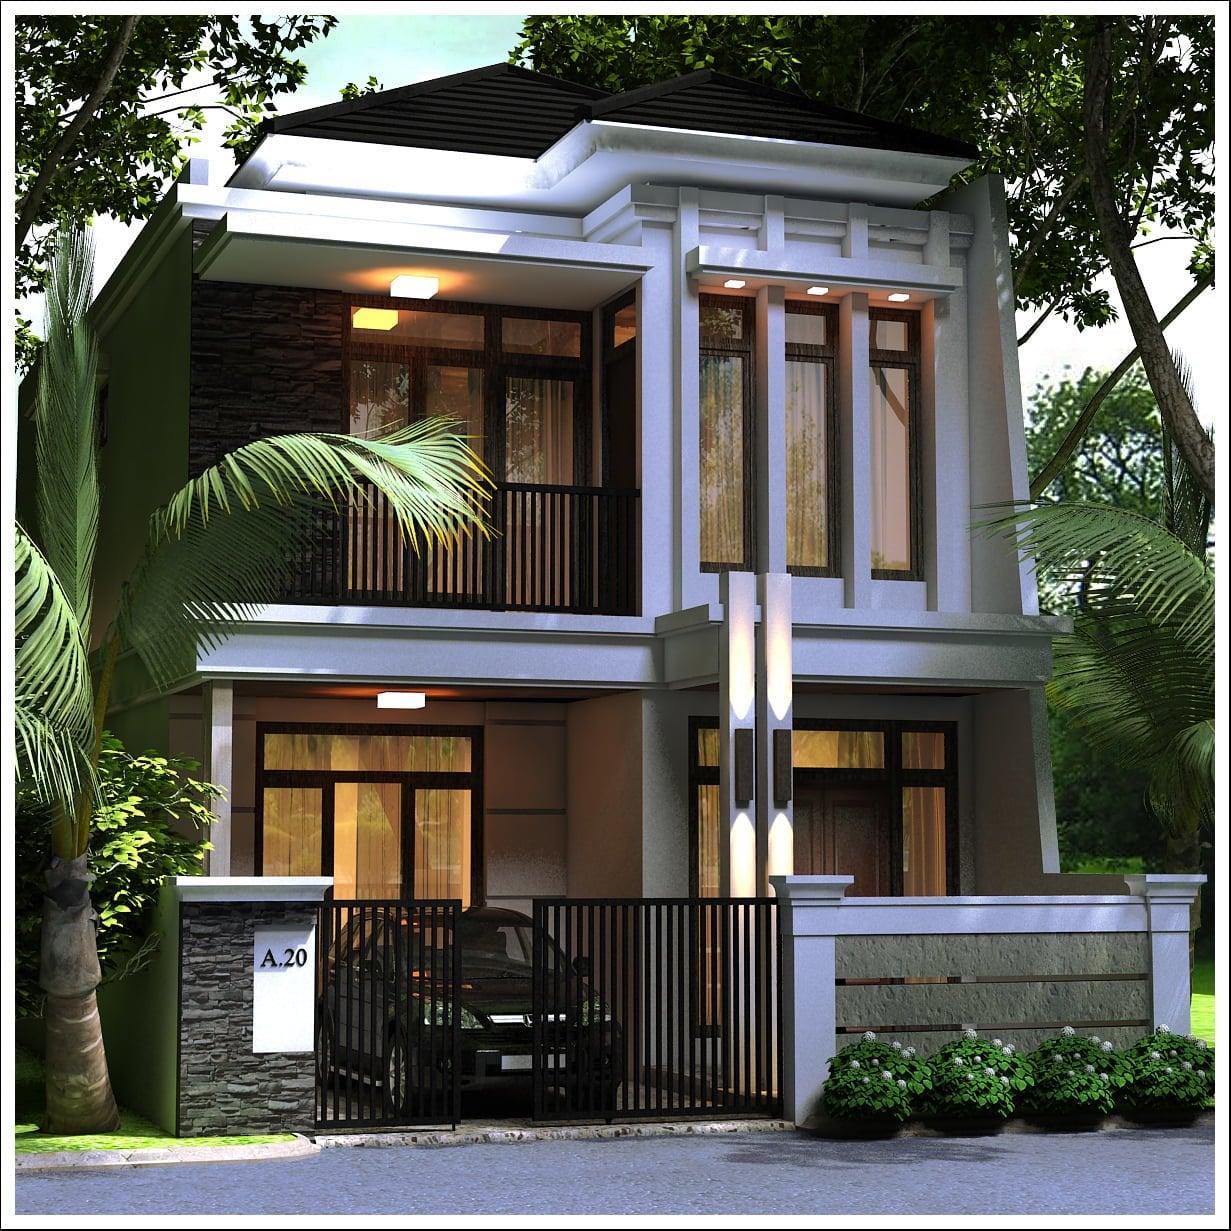 72 Model Desain Rumah Mewah 2 Lantai Minimalis Modern Paling Populer Di Dunia Deagam Design